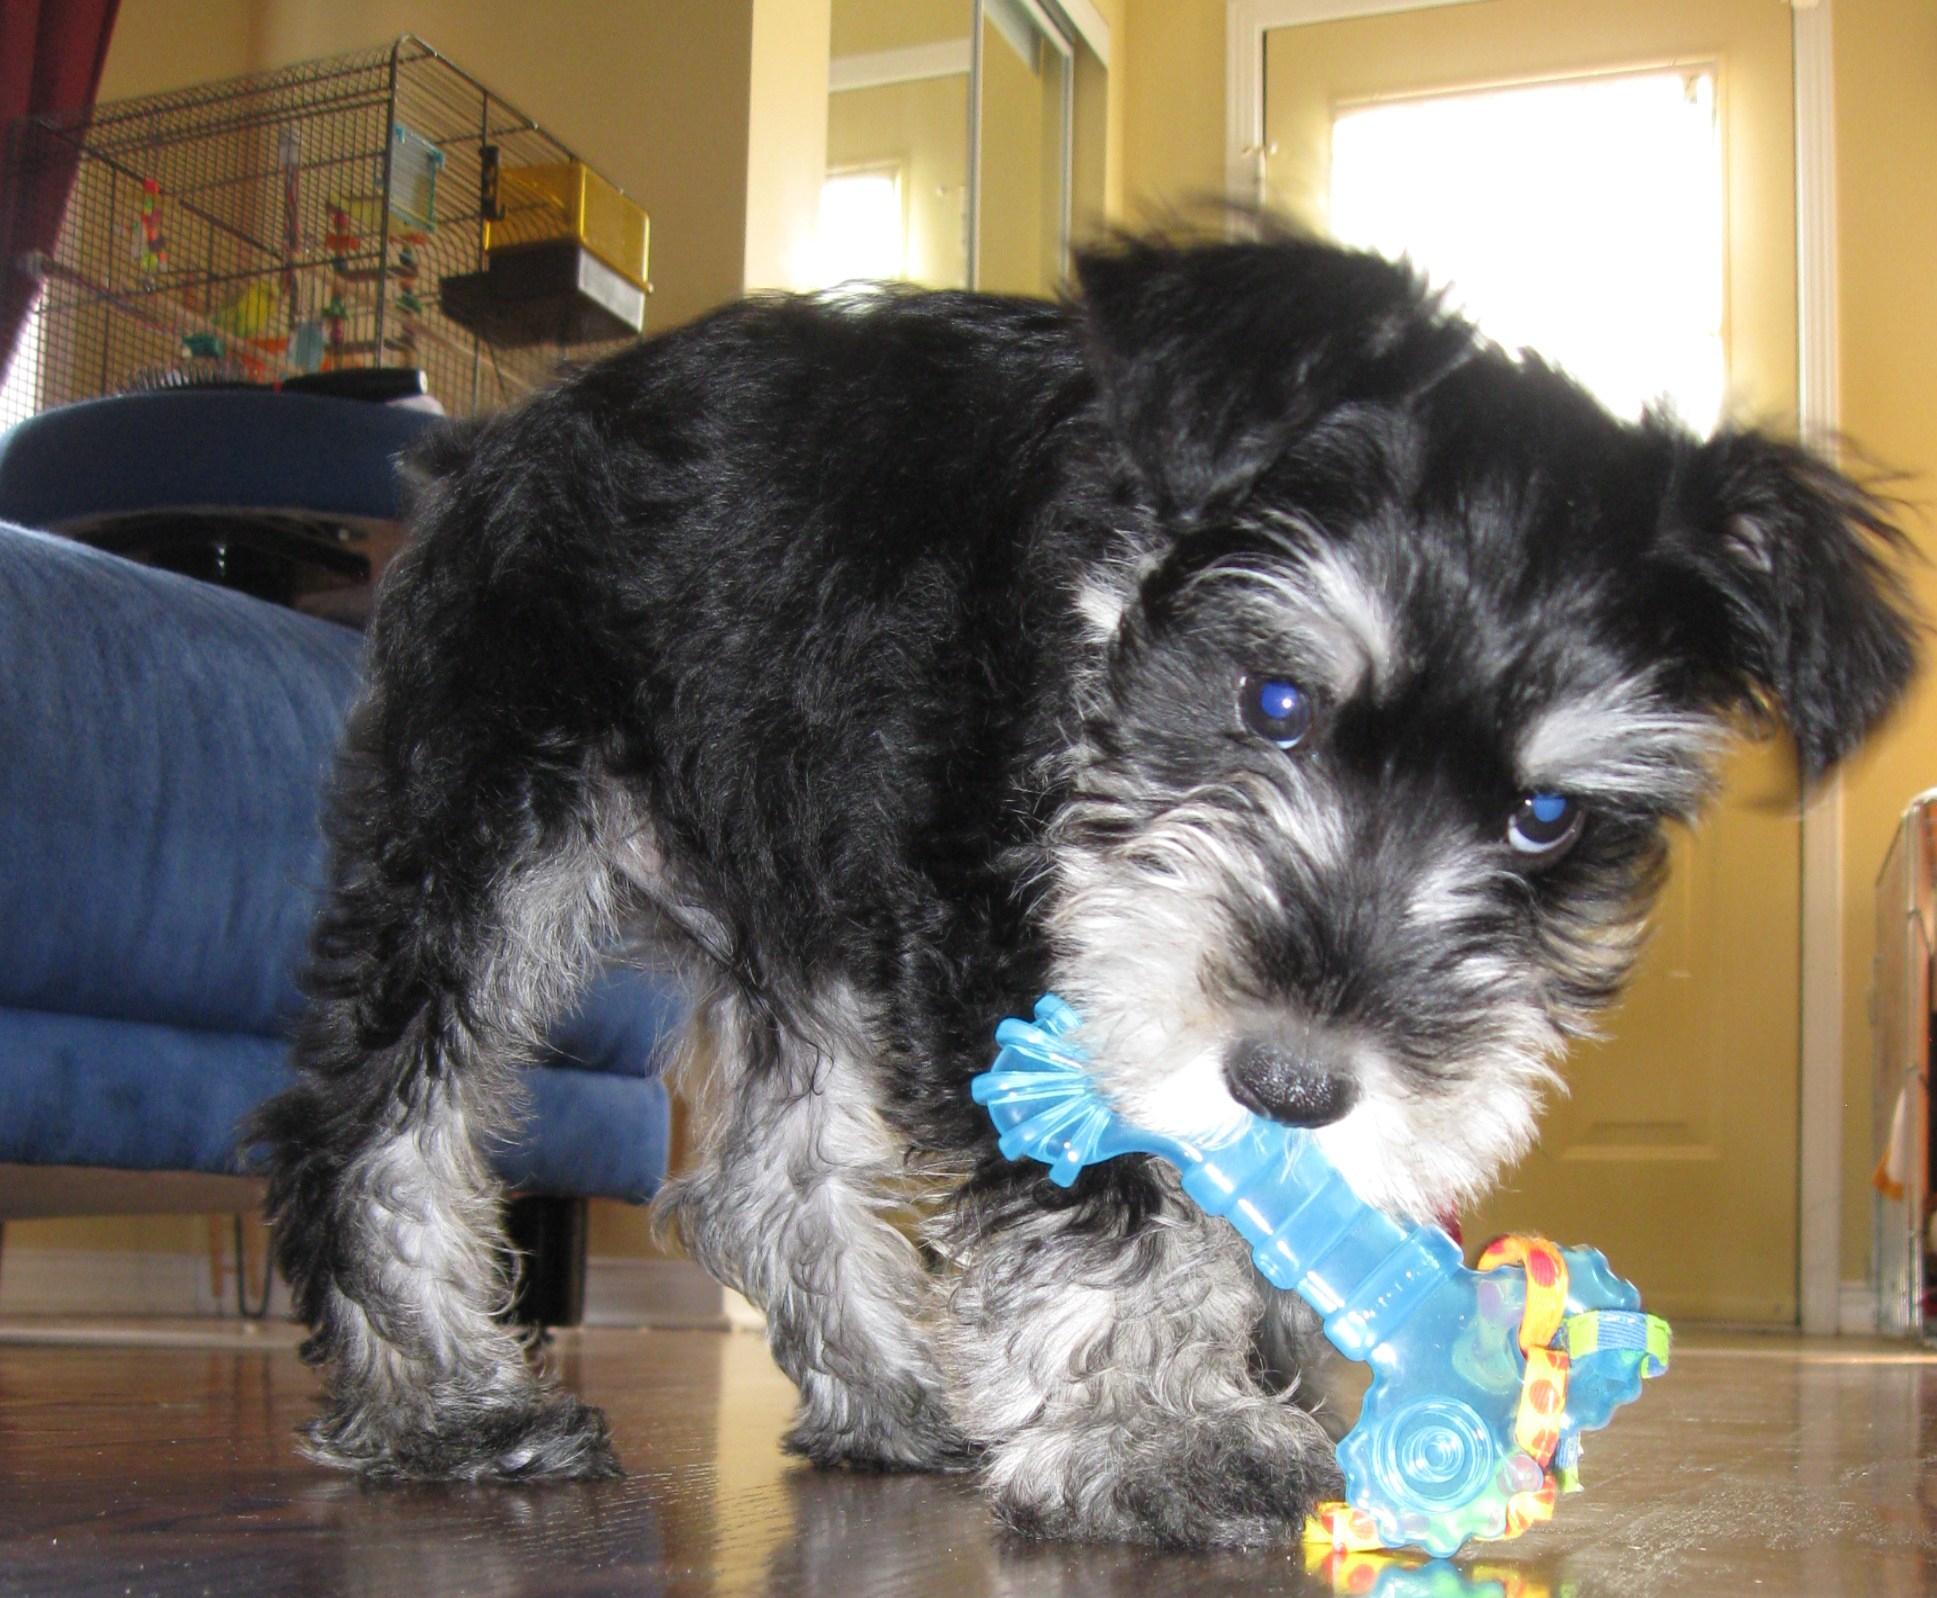 Puppy Mini Schnauzer with toy blue bone